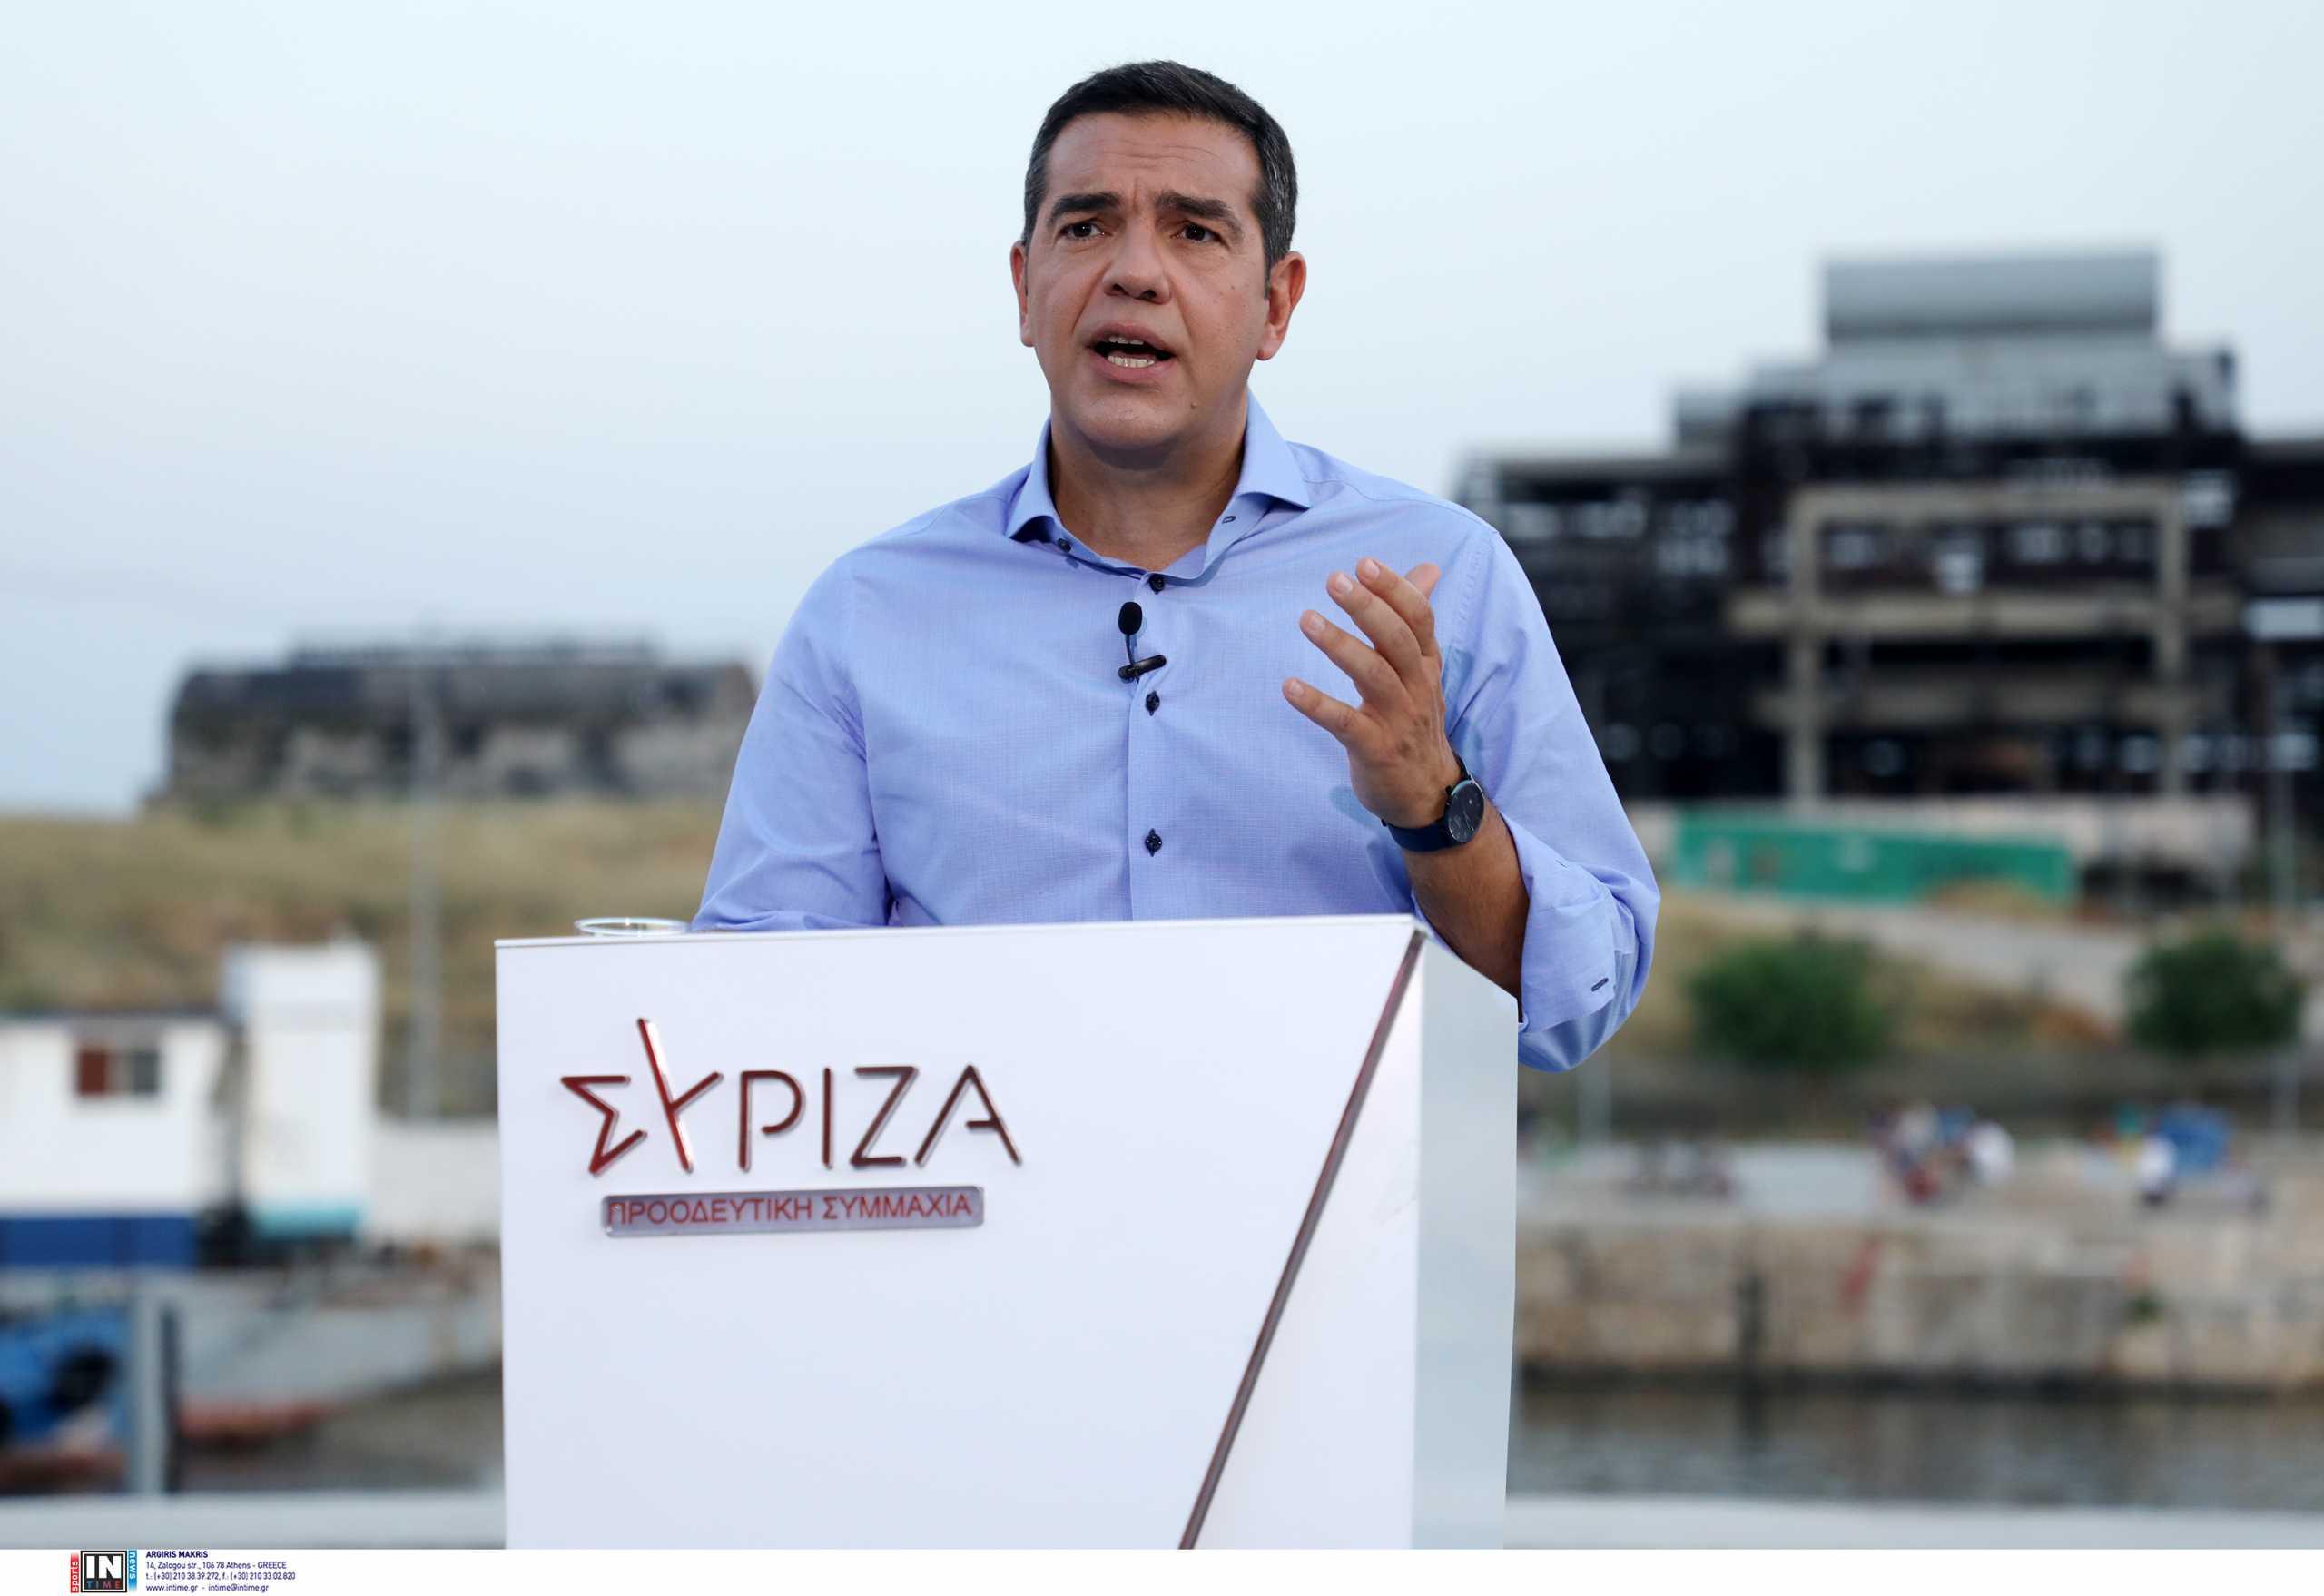 Αλέξης Τσίπρας: Αύξηση του κατώτατου μισθού στα 800 ευρώ, το σχέδιο του ΣΥΡΙΖΑ